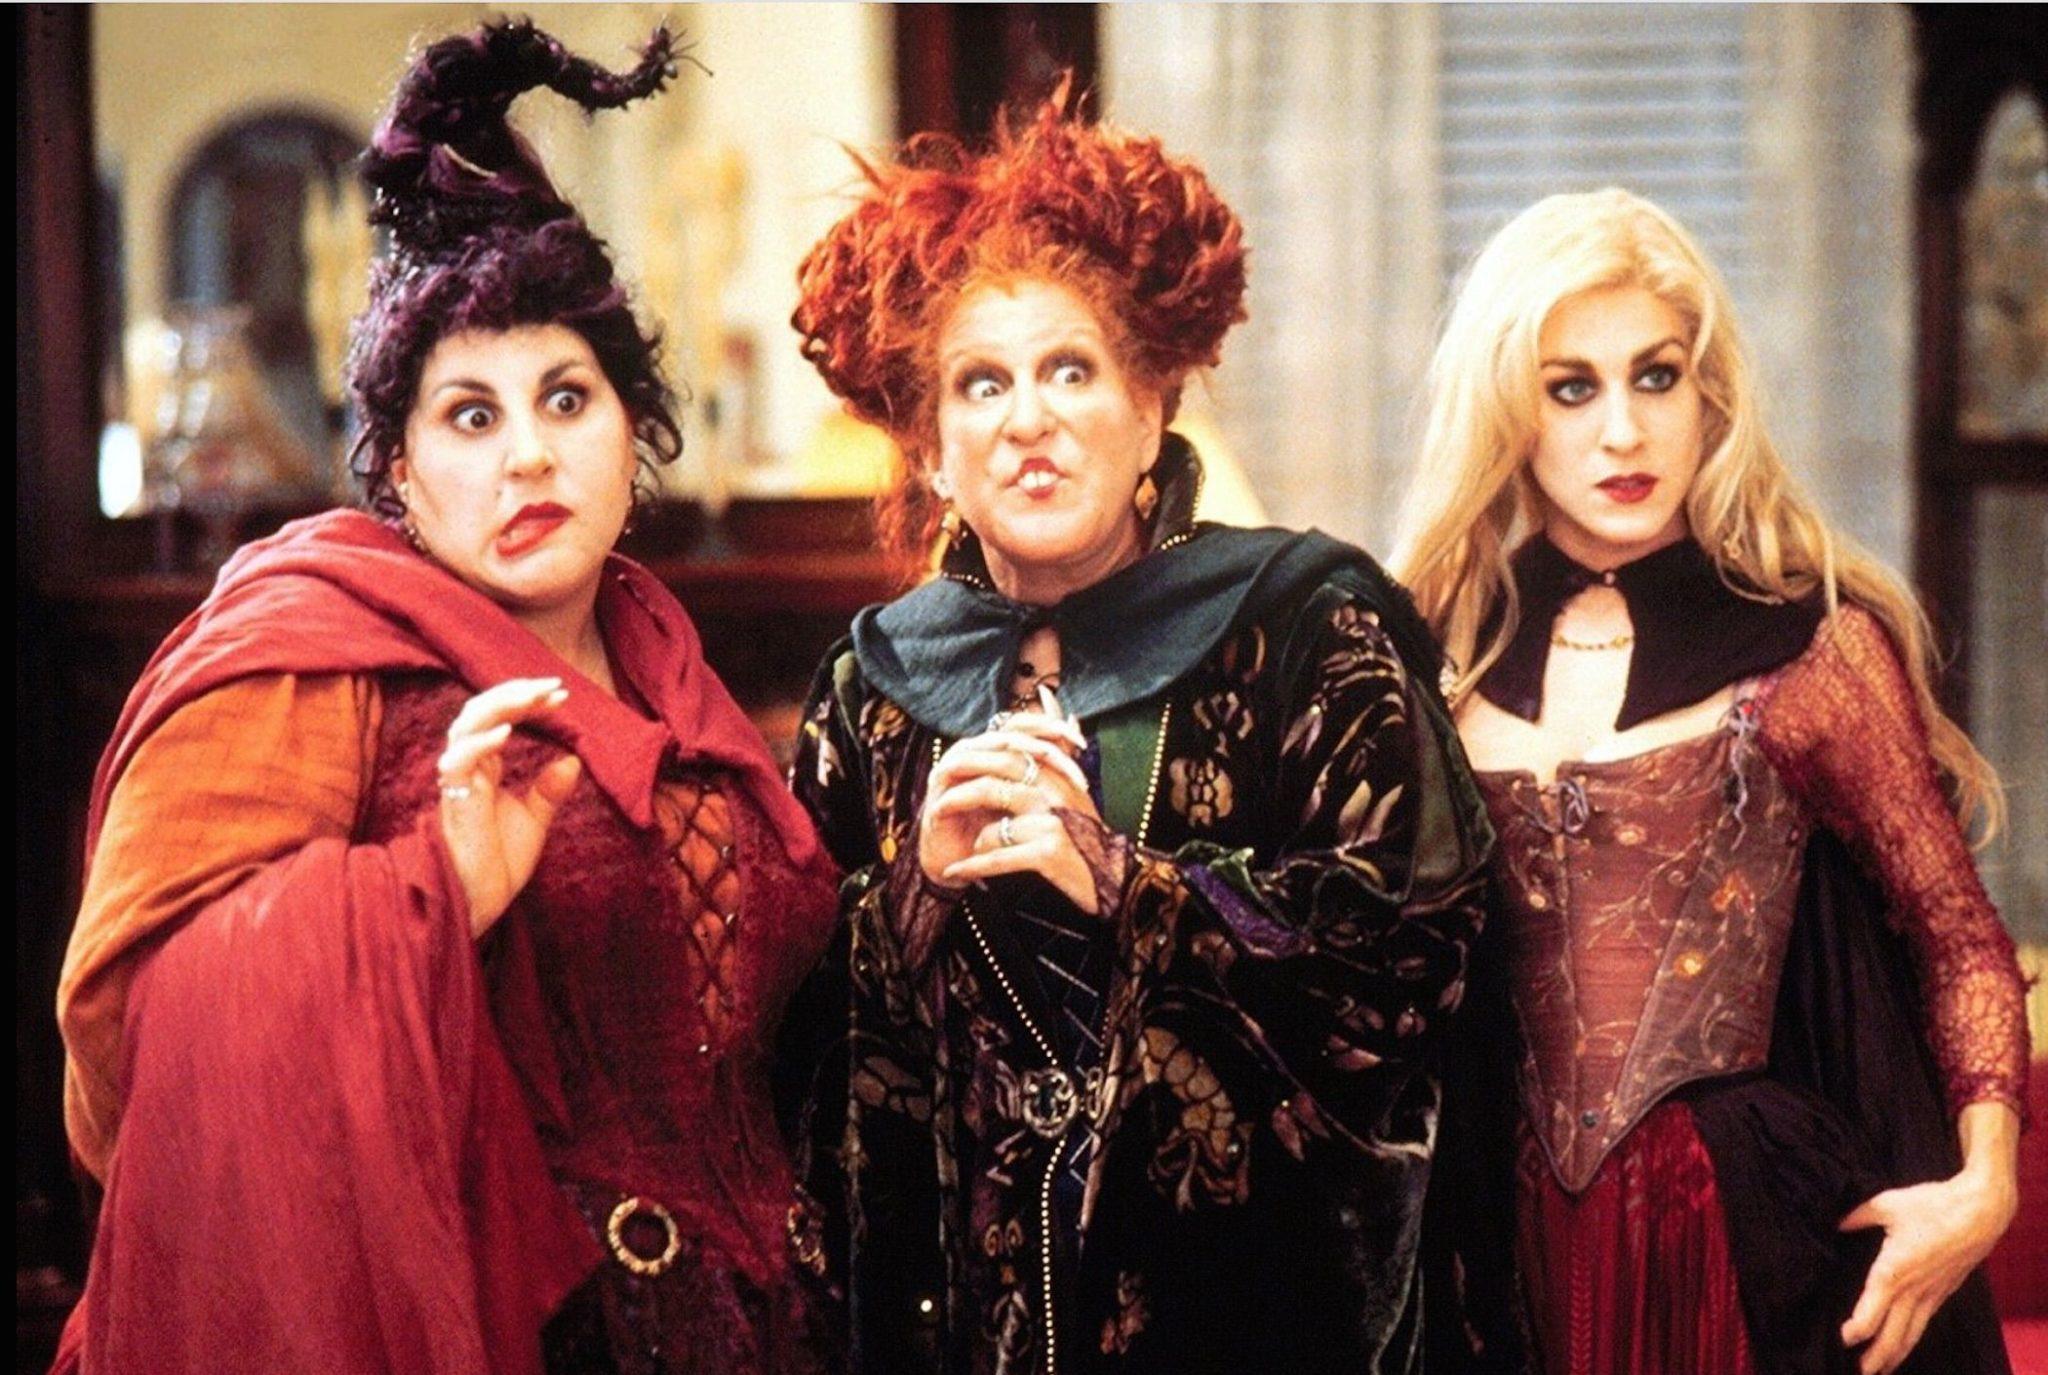 El trío original de Hocus Pocus se reúne para especial de Halloween 2020